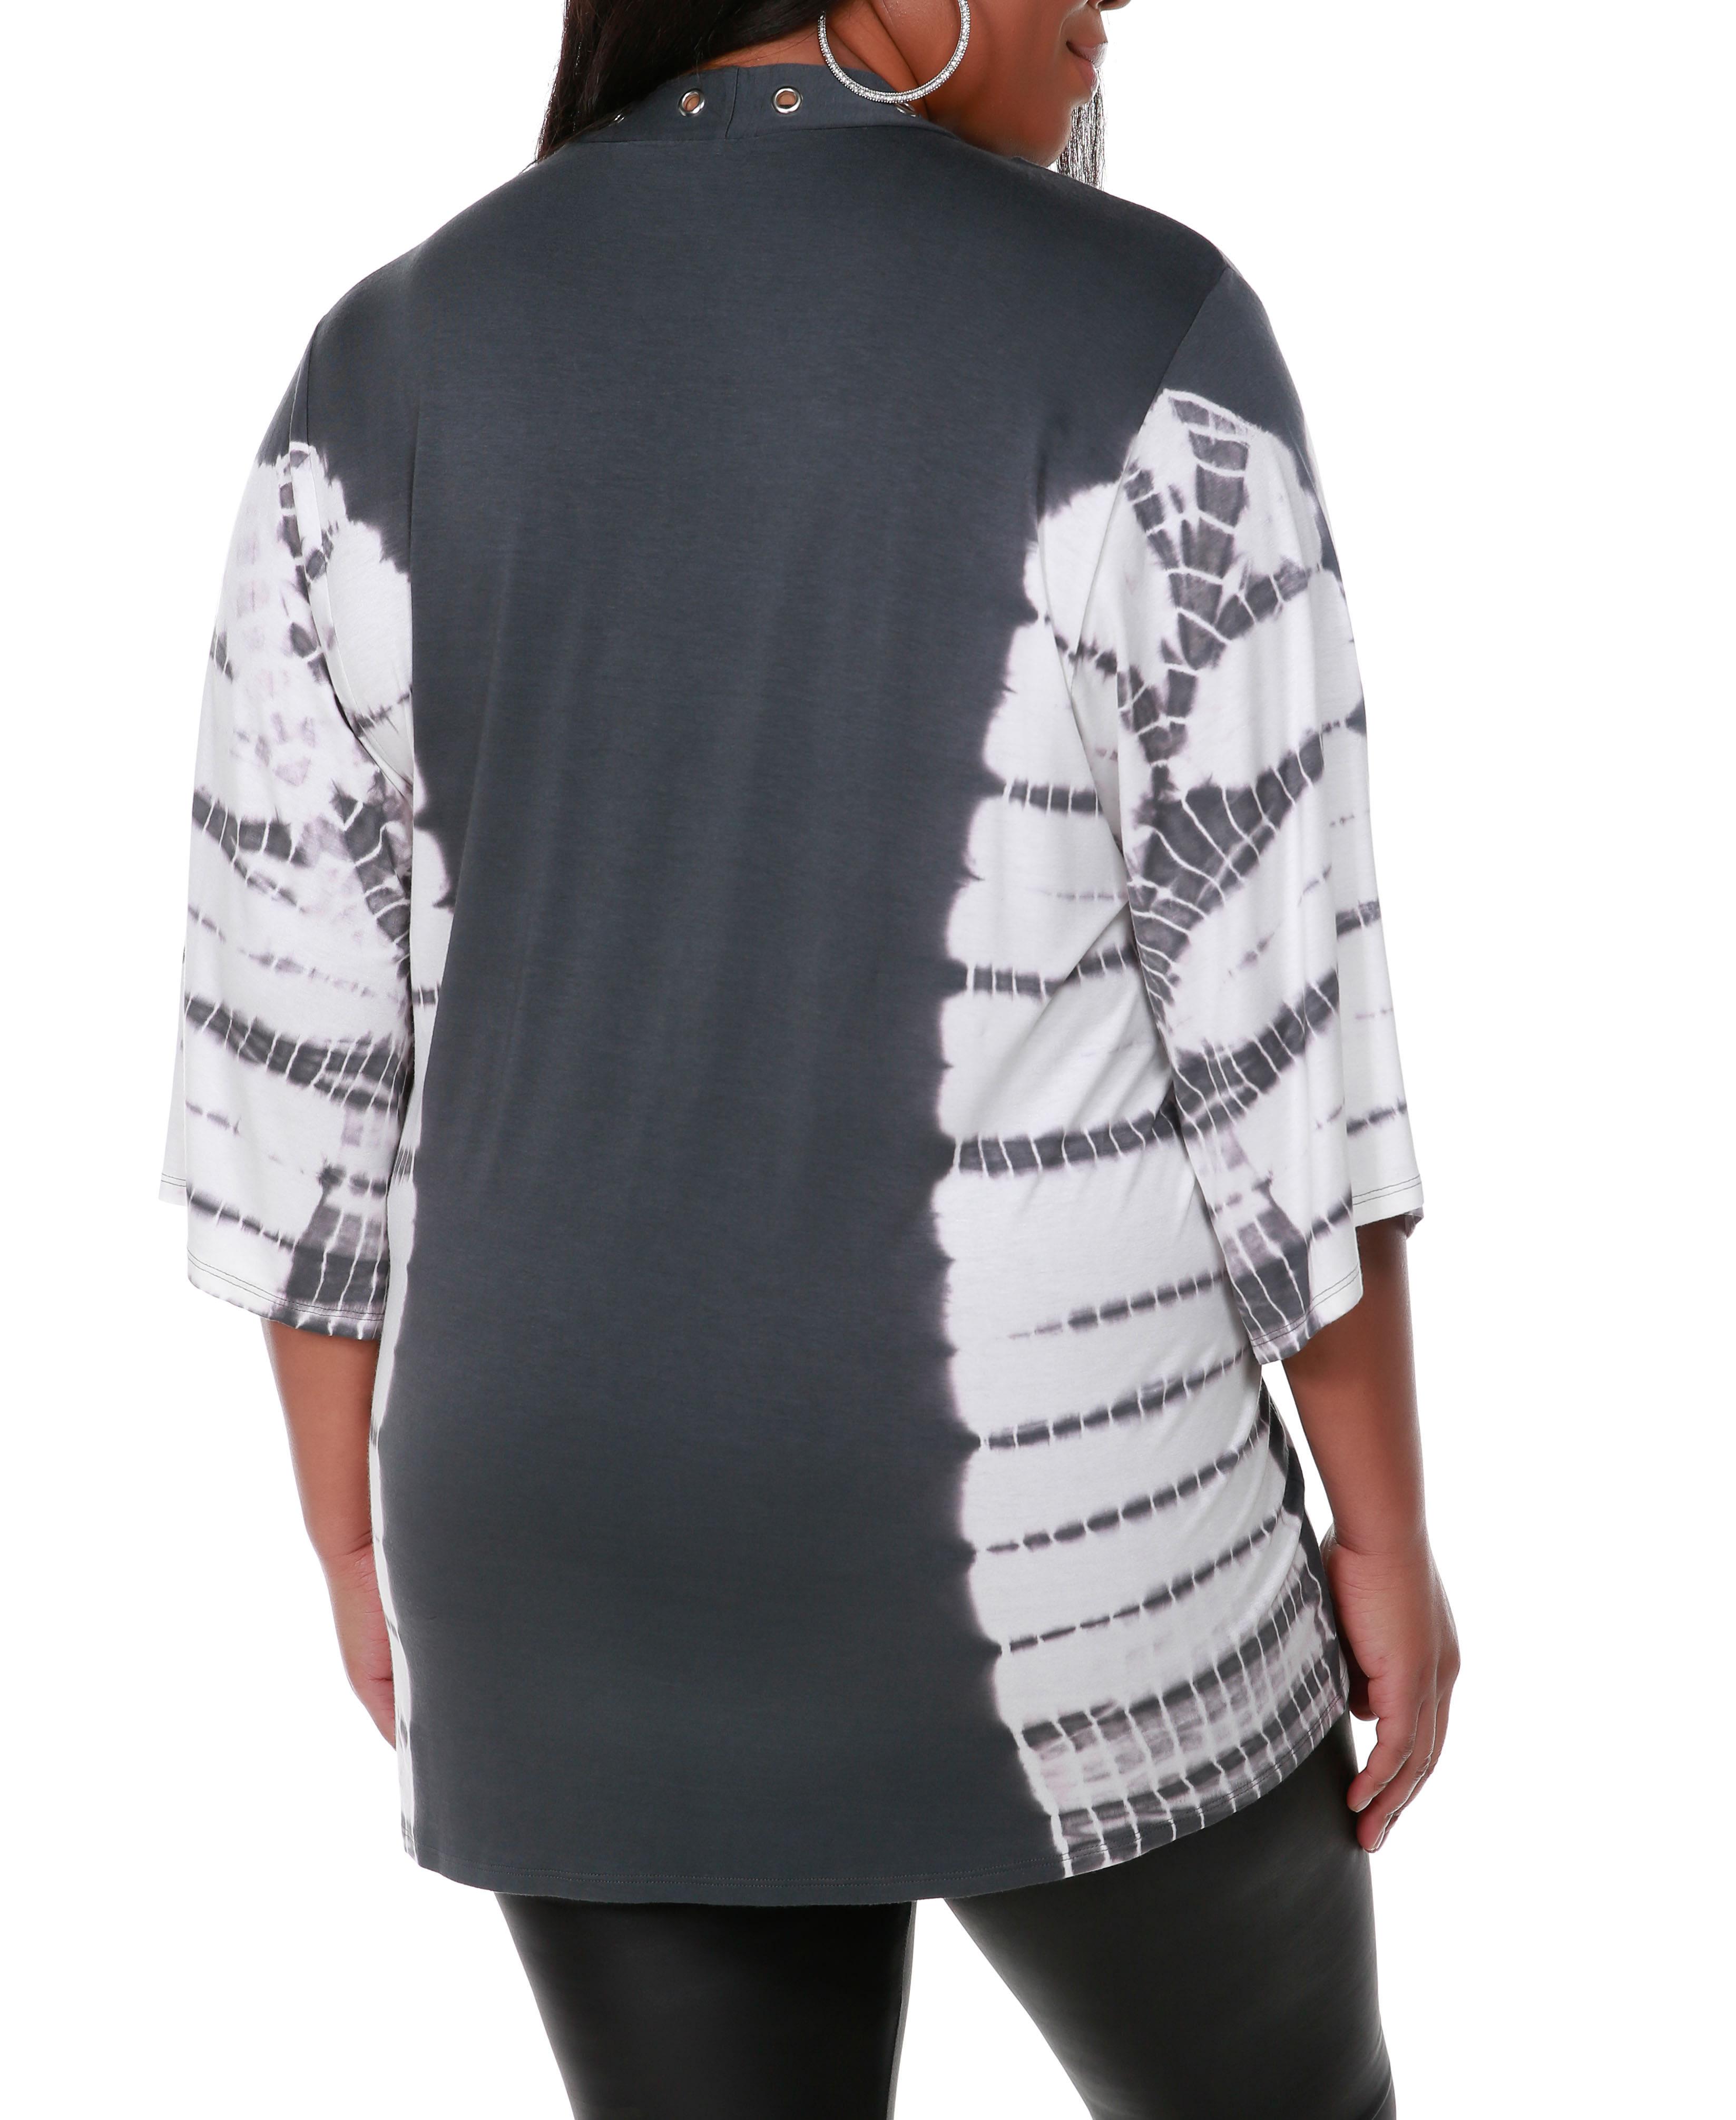 Grommet Tie Dye Cardigan - Slate Grey/Silver - Back